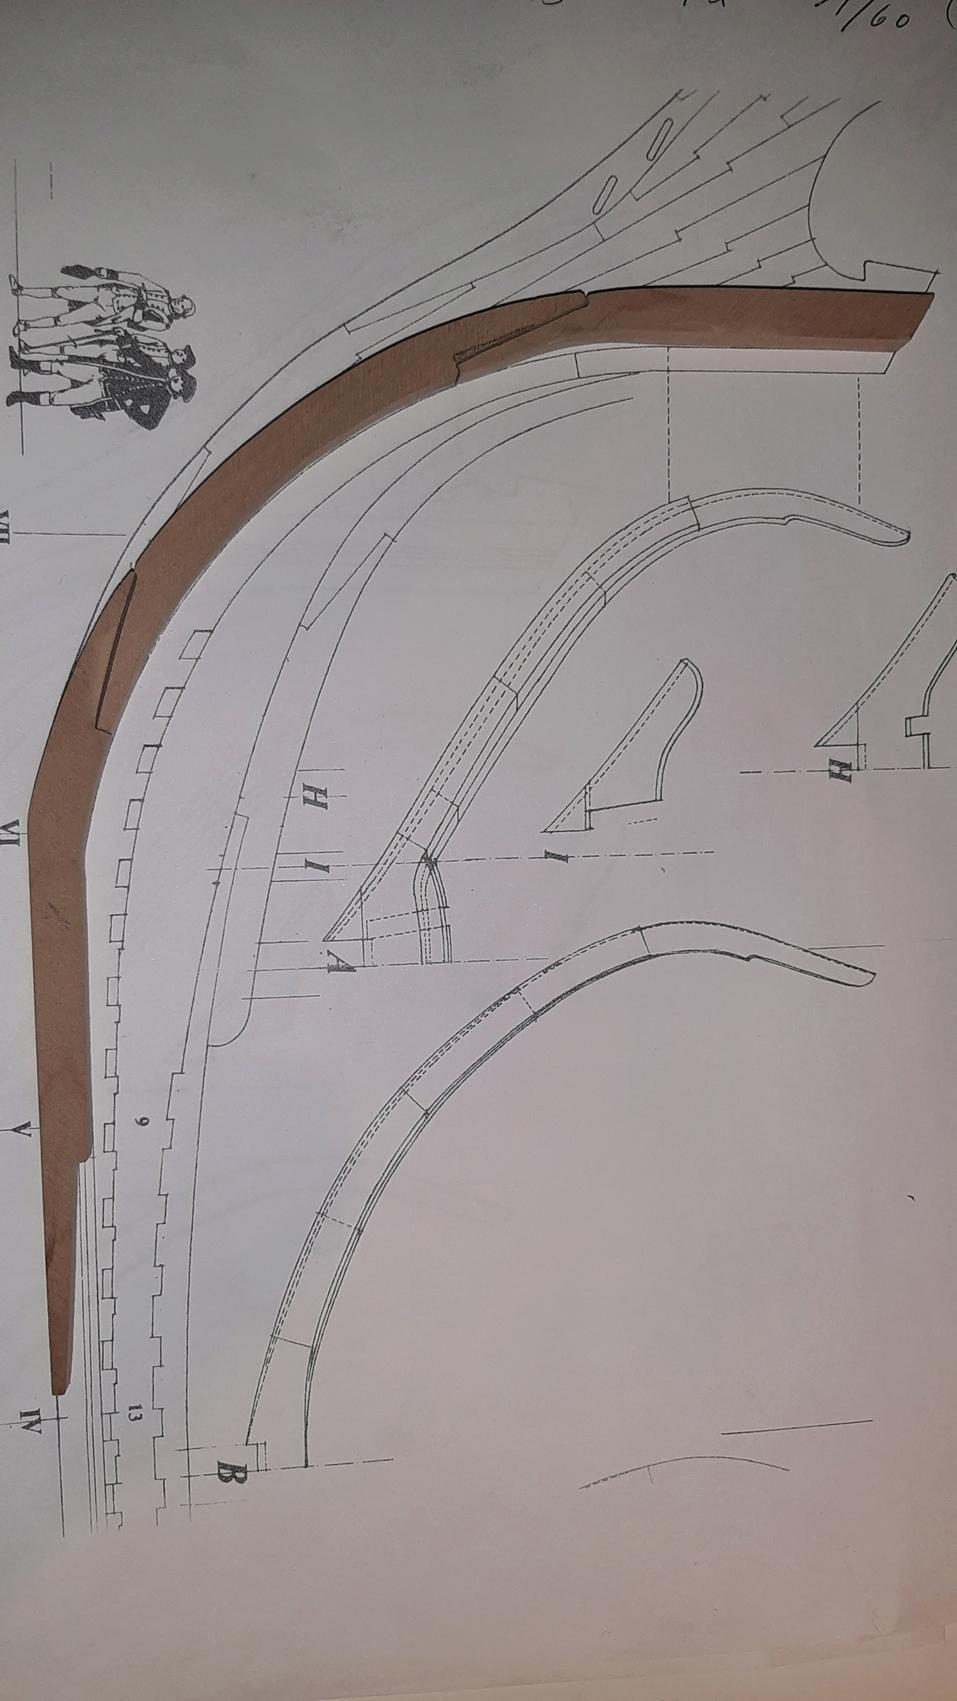 Bonhomme Richard 1779, échelle 1/60 par mtbbiker 20200124